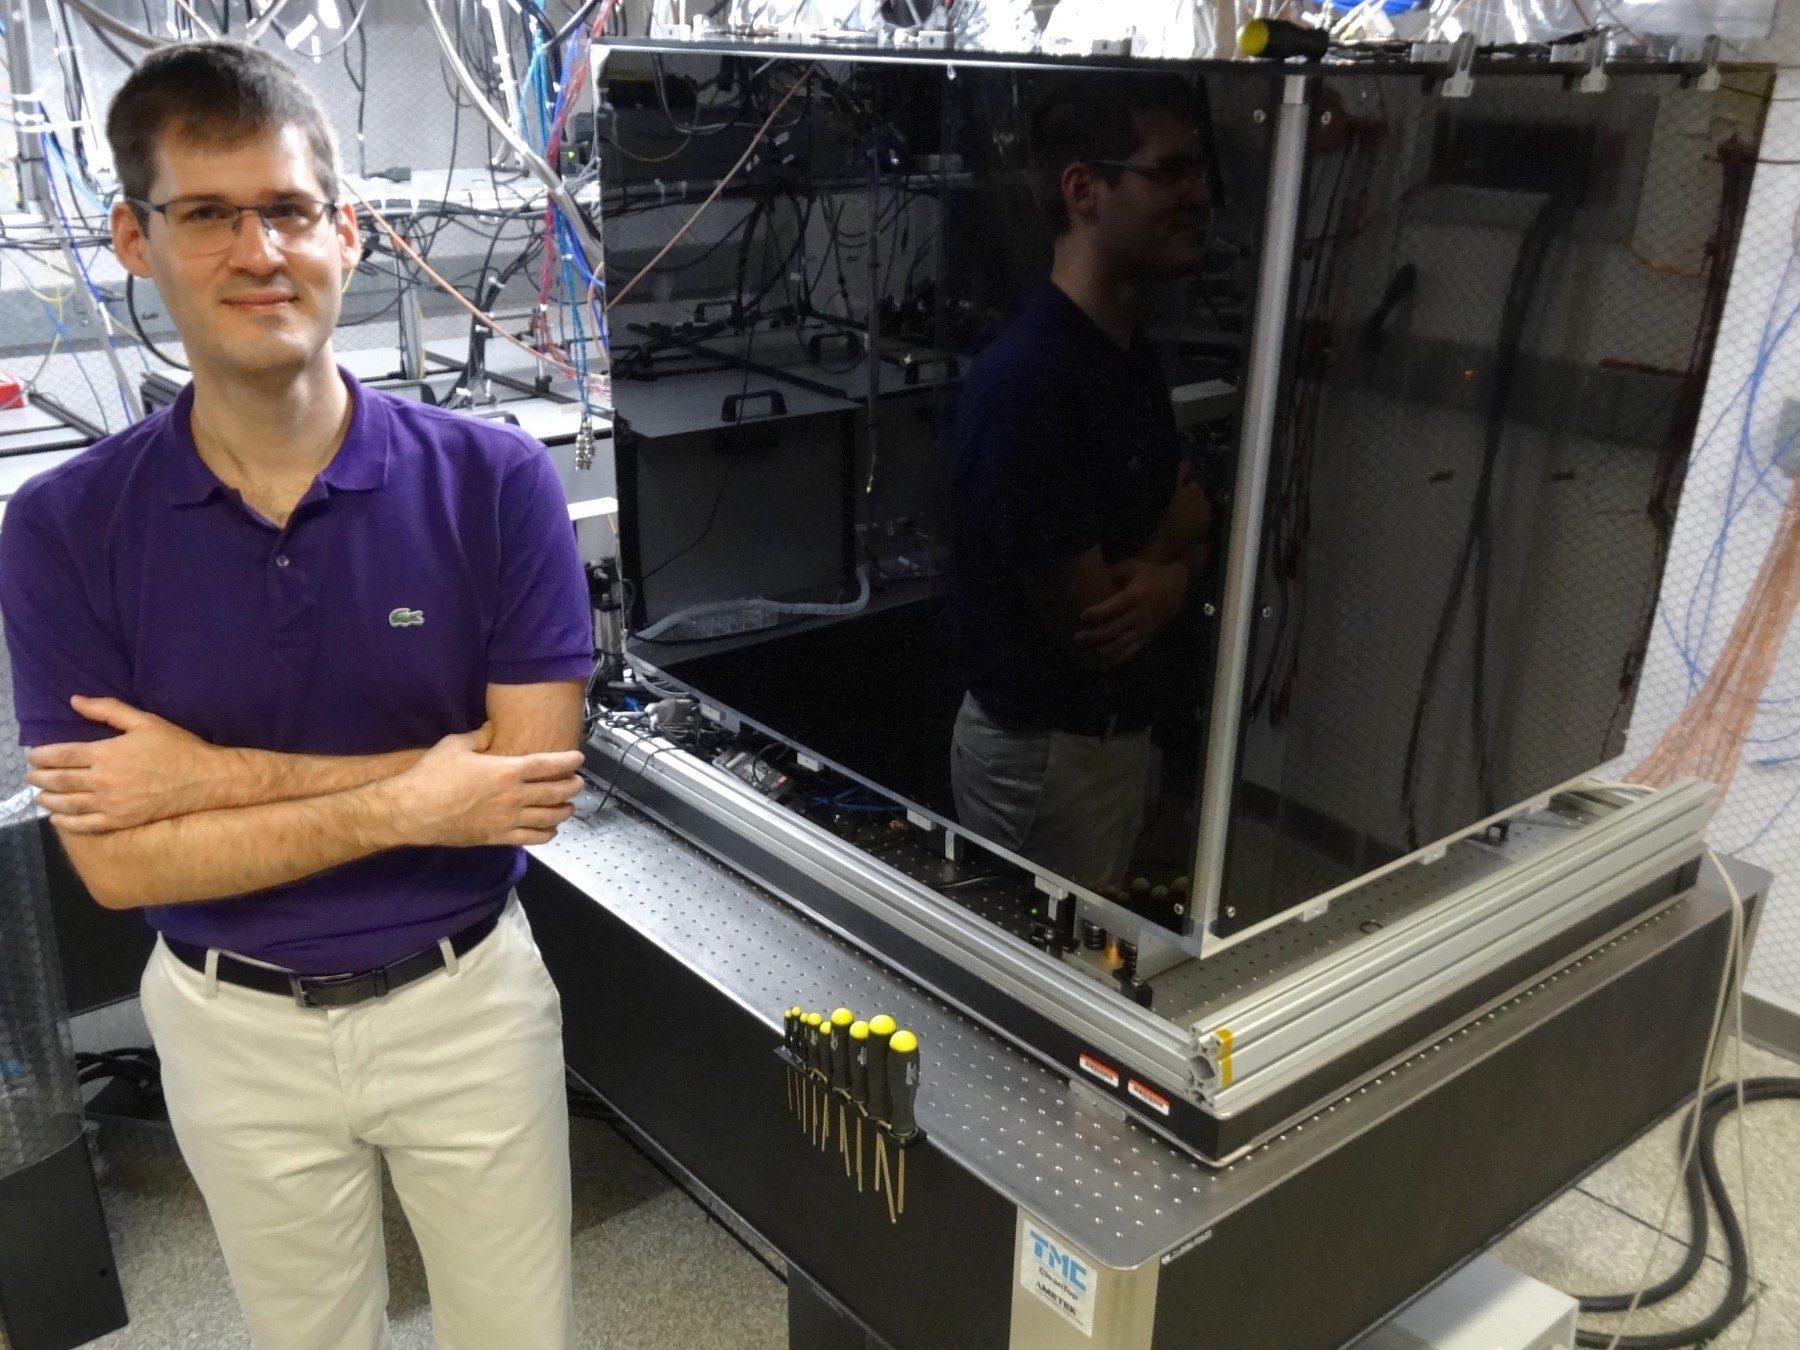 Marko Cetina posing in a lab